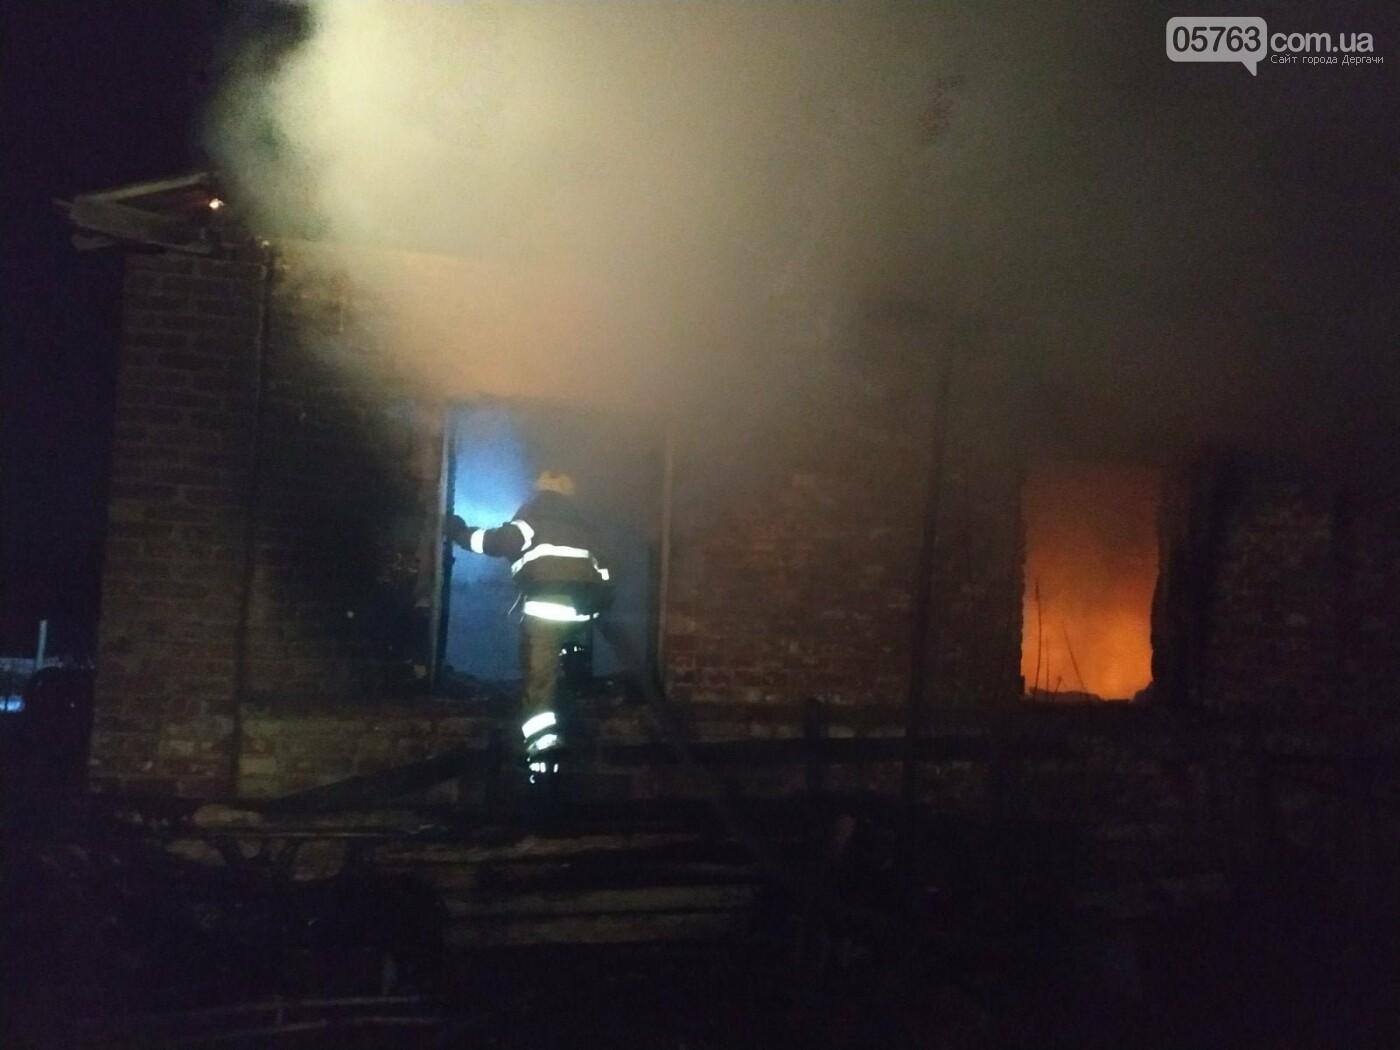 Загорівся приватний будинок: рятувальники знайшли тіло 92-річного чоловіка, - ФОТО, фото-3